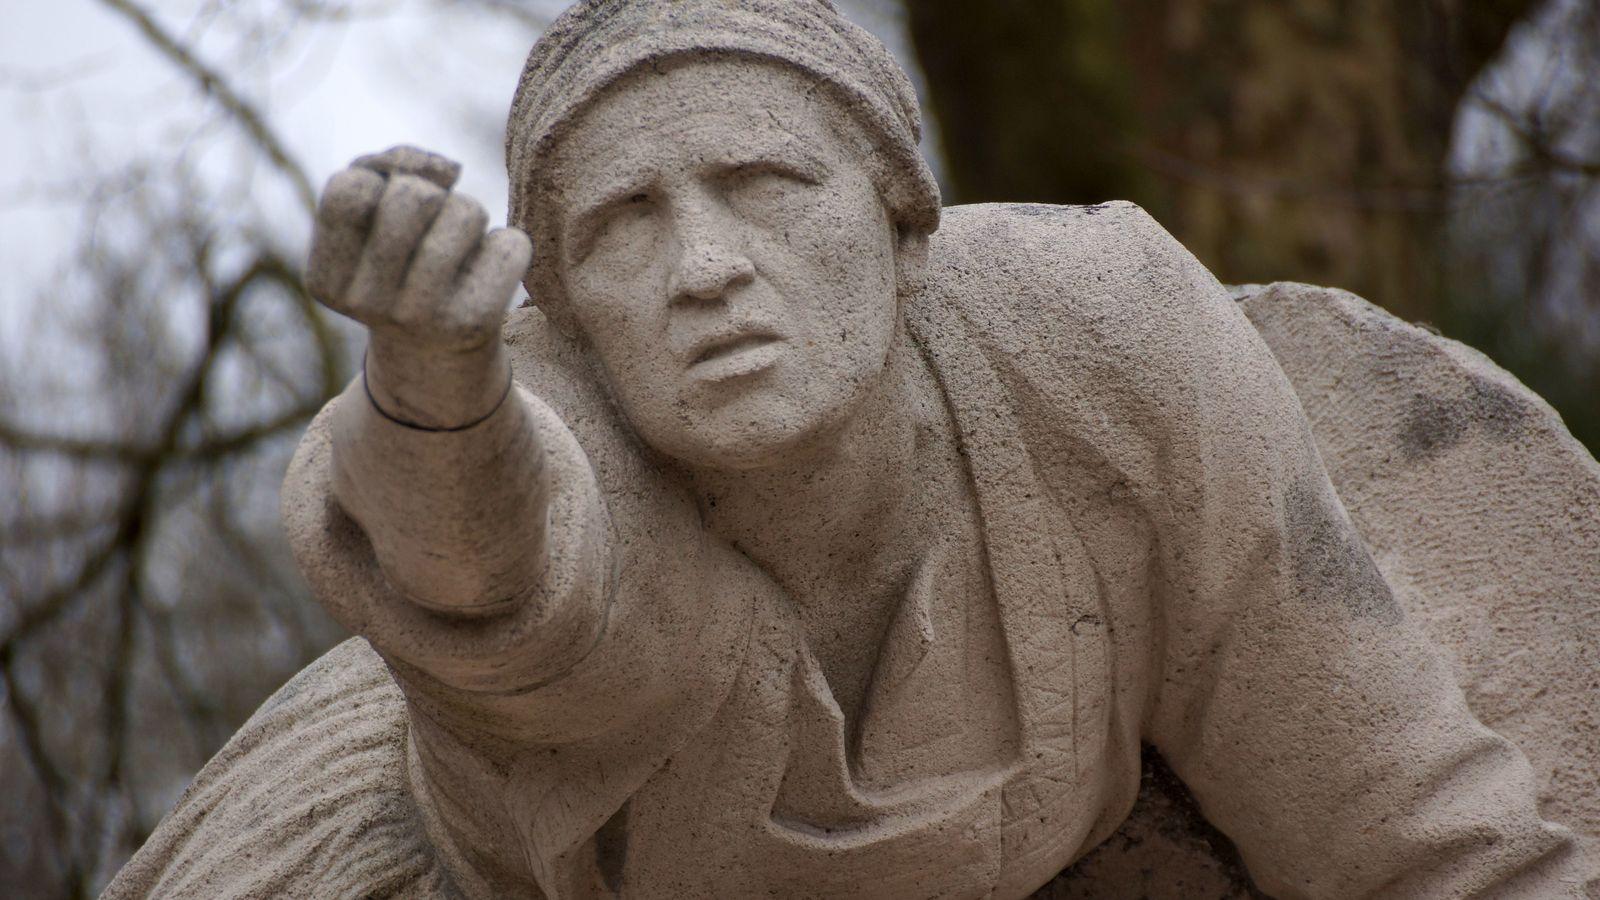 Péronne (80). Femme tendant le poing au-dessus d'un soldat mort, souvent interprété comme une mère pleurant ...